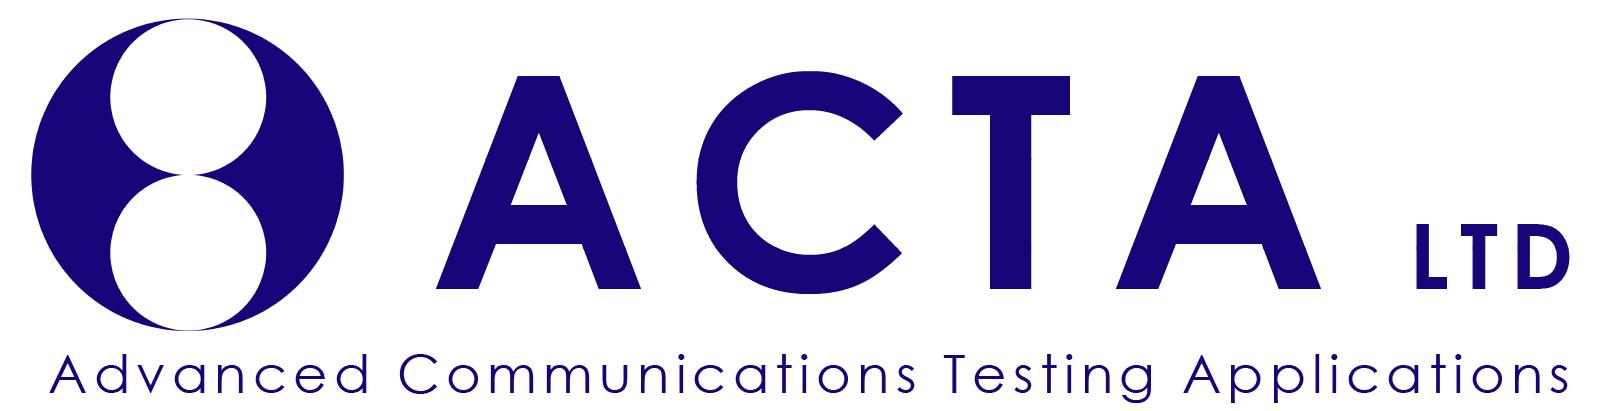 ACTA Ltd